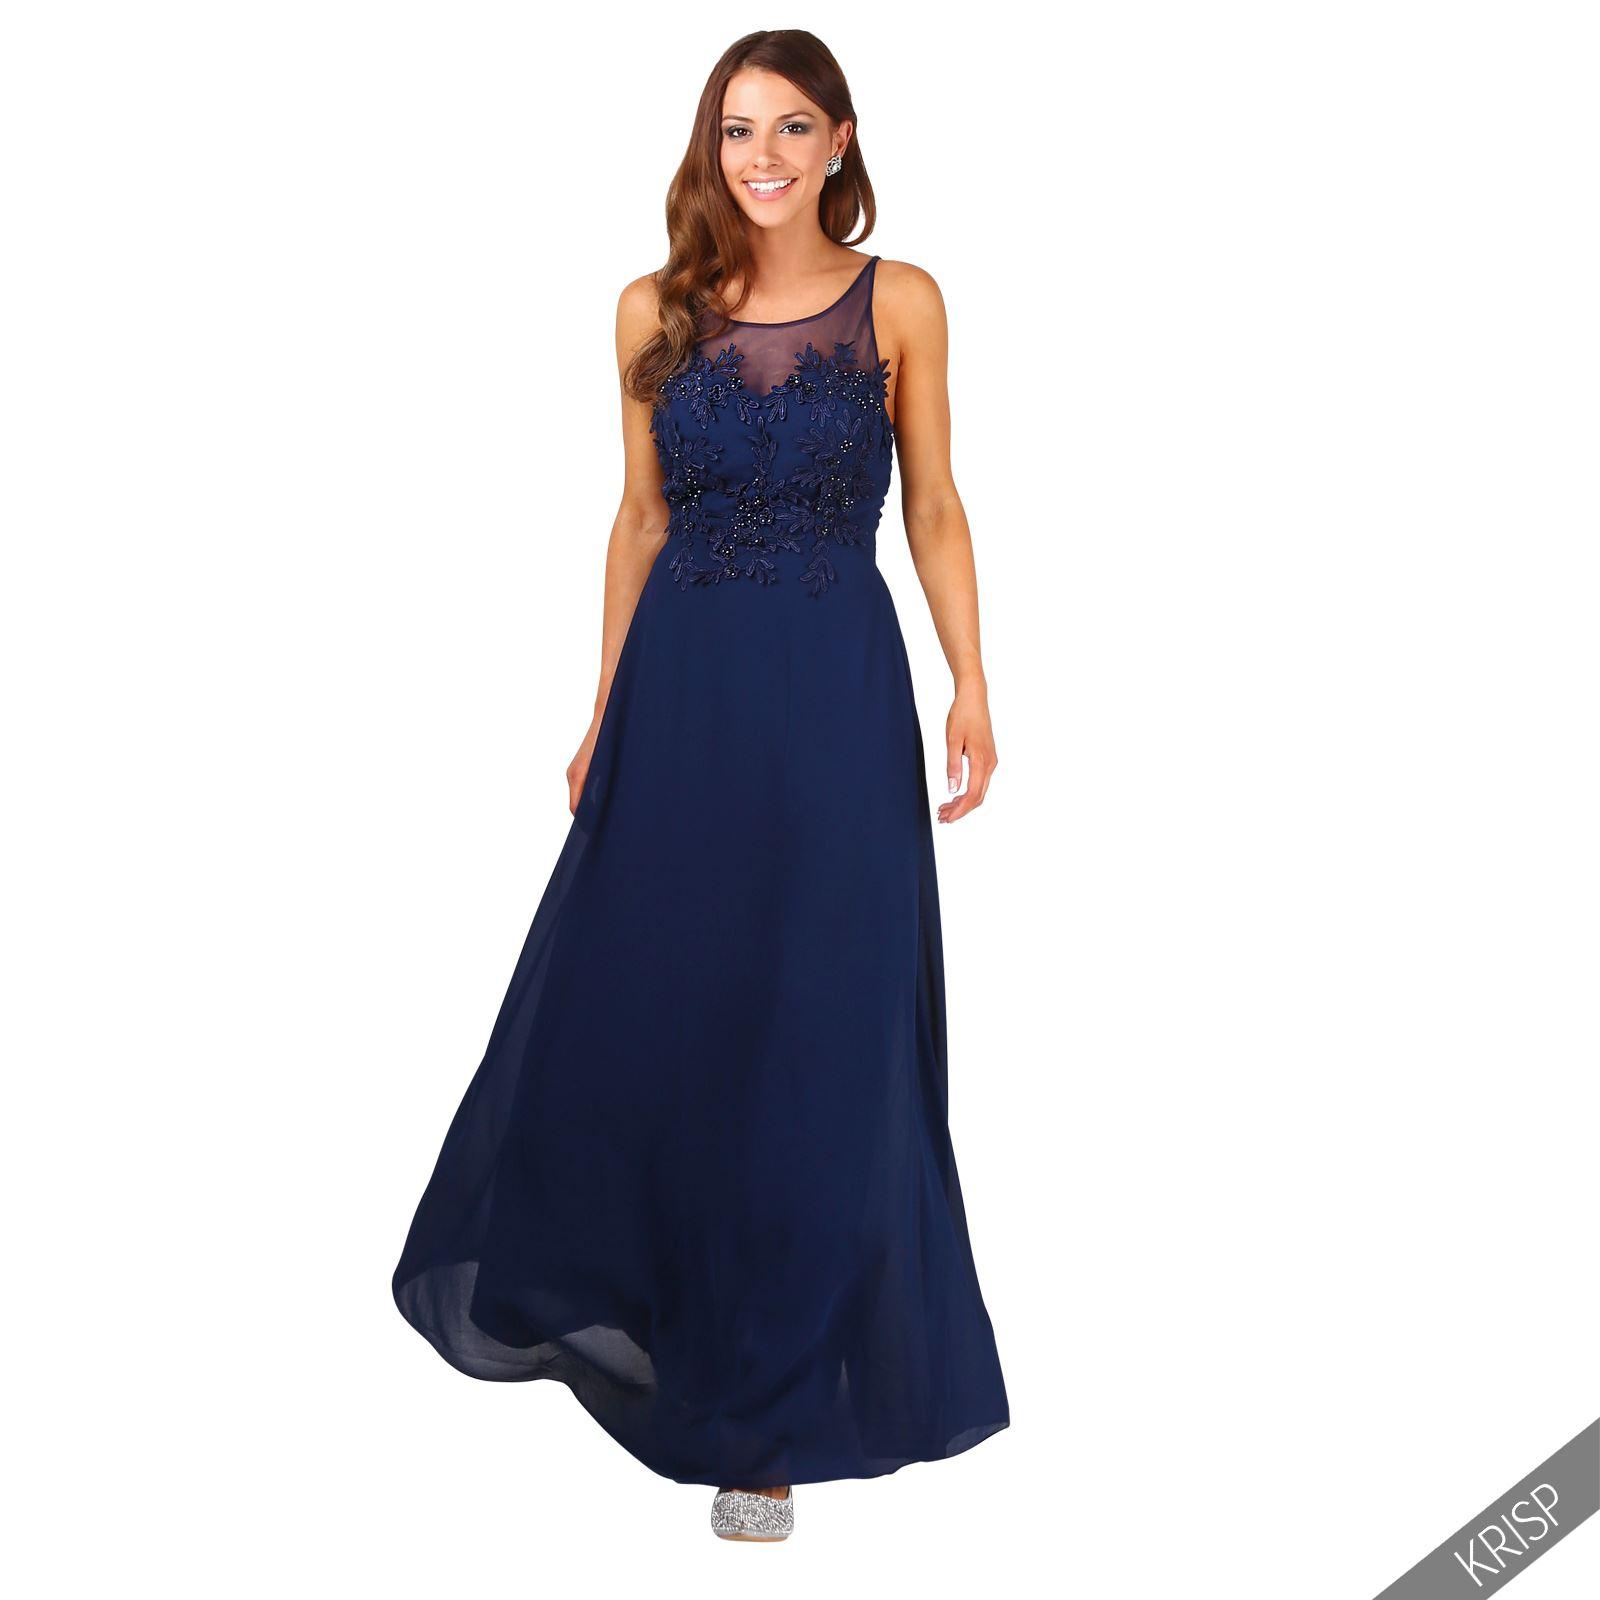 Vestido fiesta azul noche